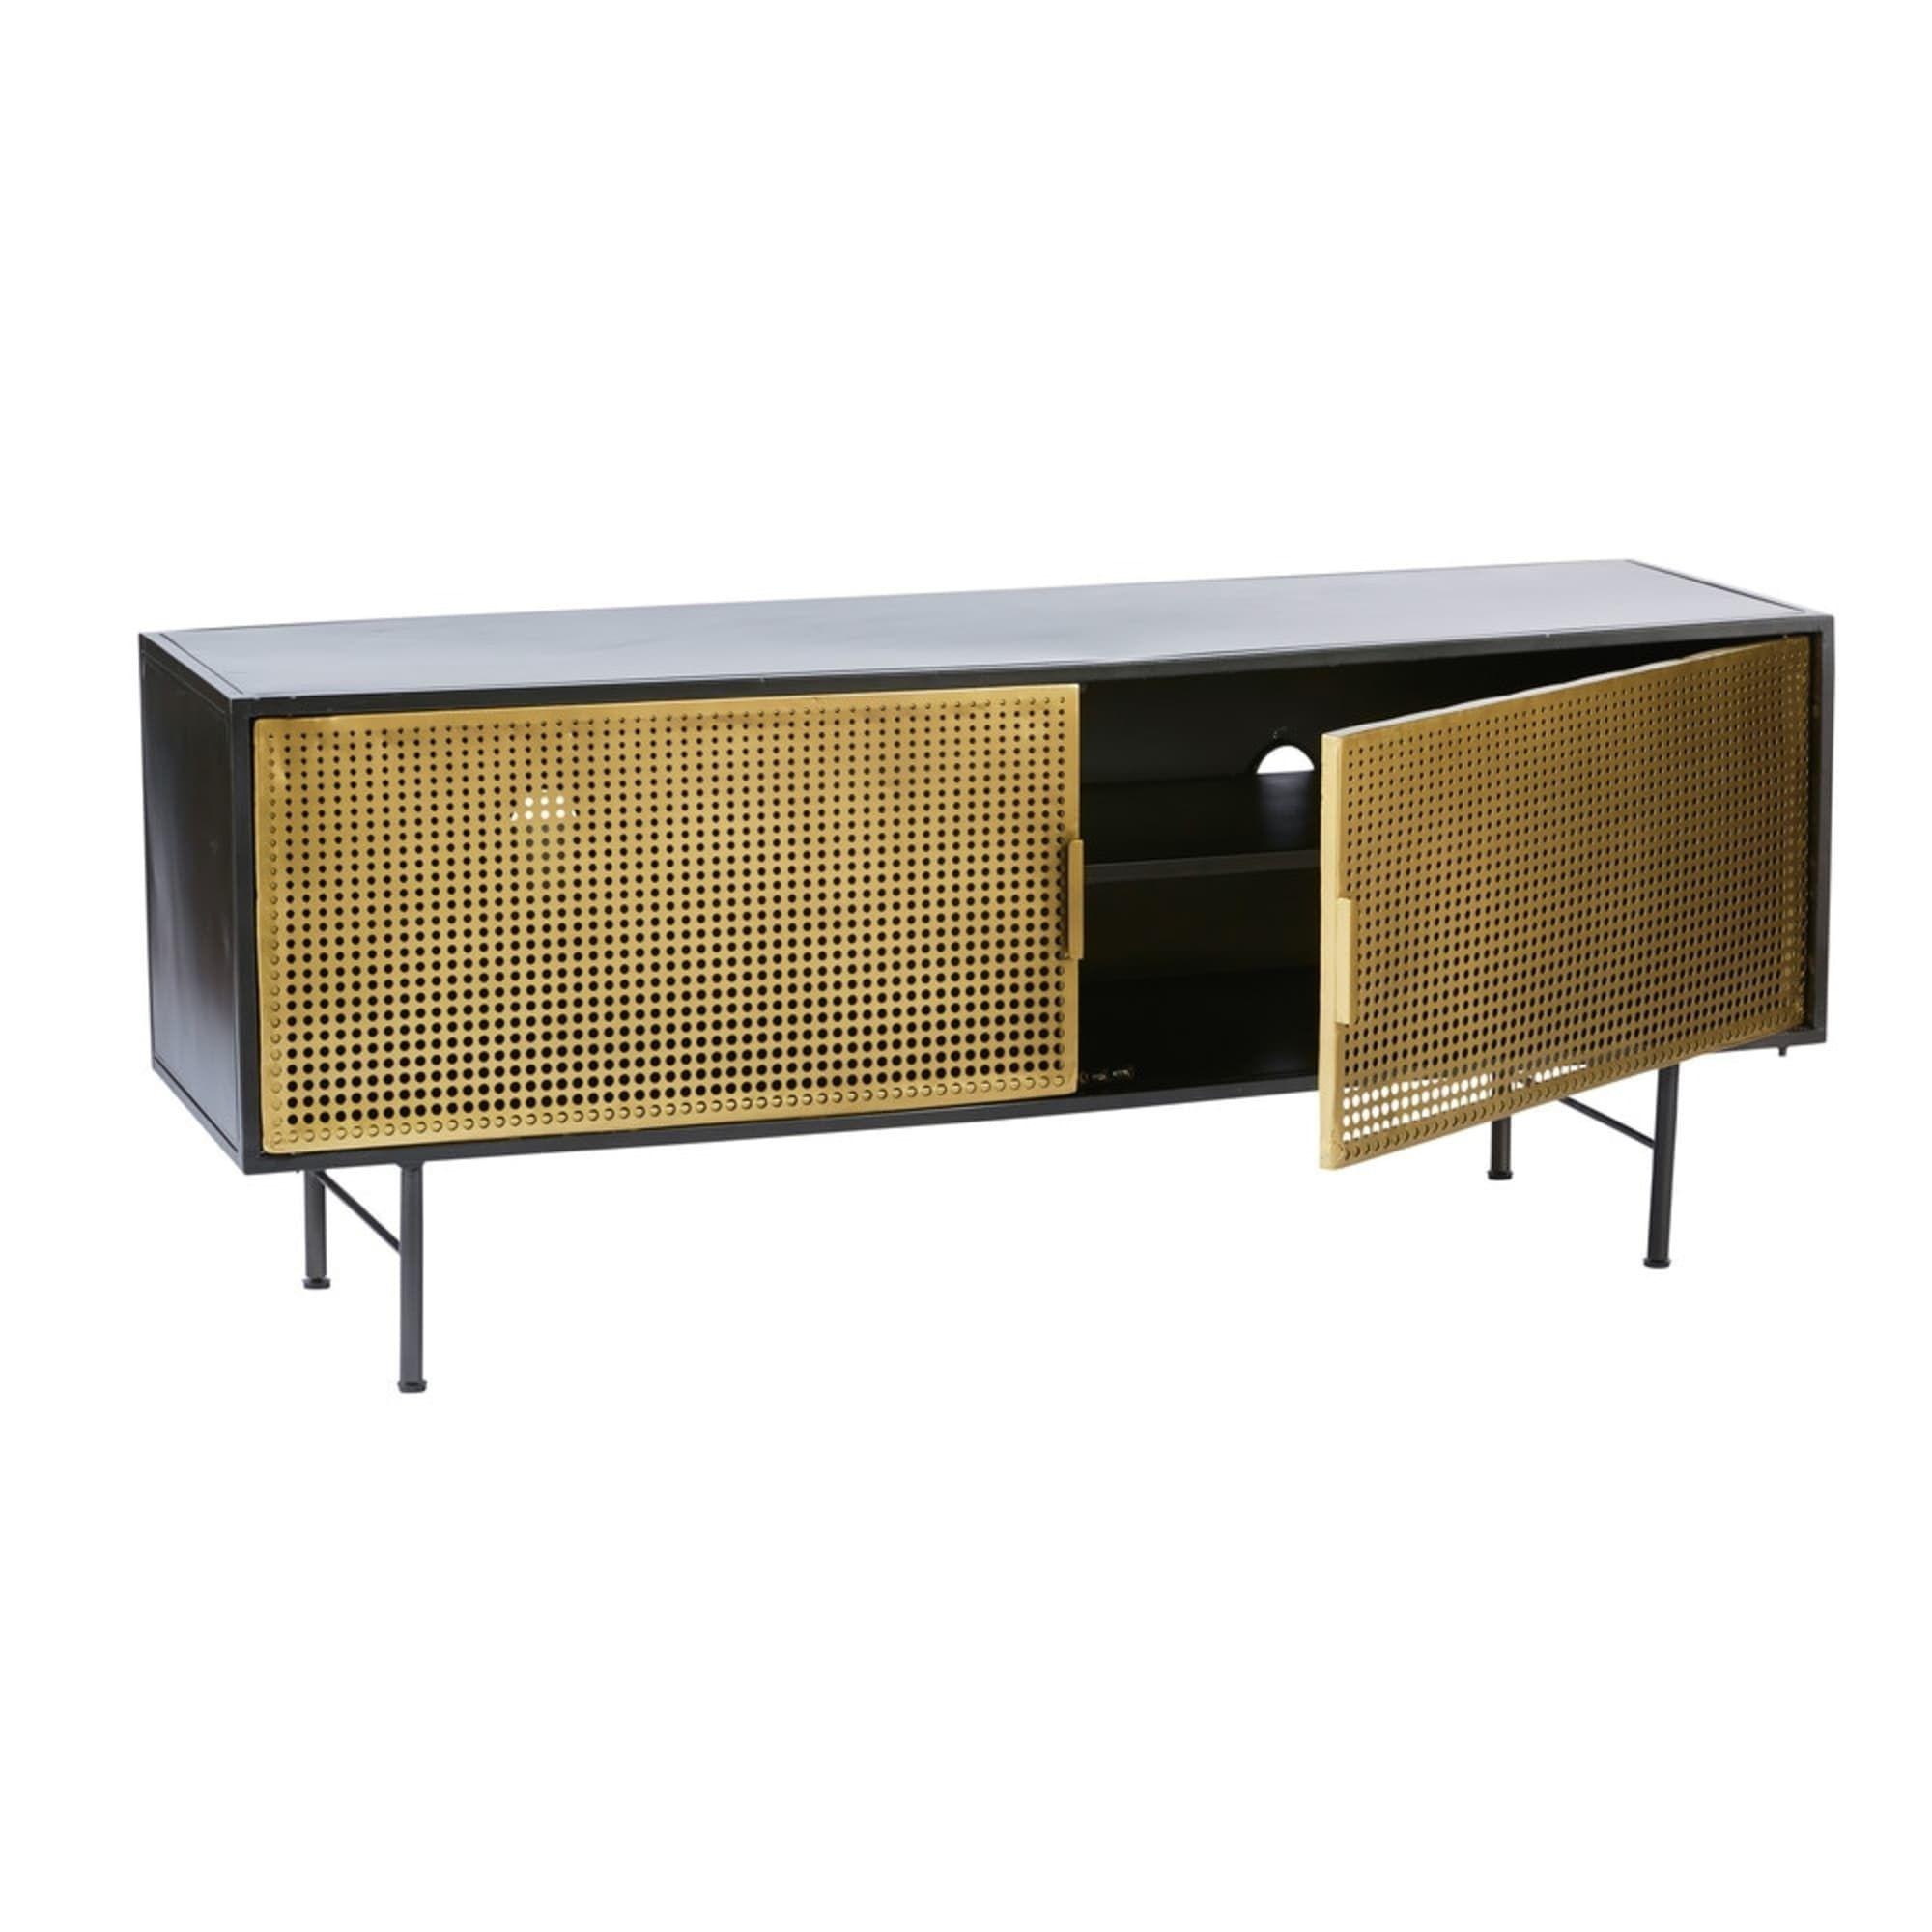 Meuble Tv 2 Portes En Metal Noir Et Dore Maisons Du Monde Meuble Tv Idee Deco Salon Deco Salon